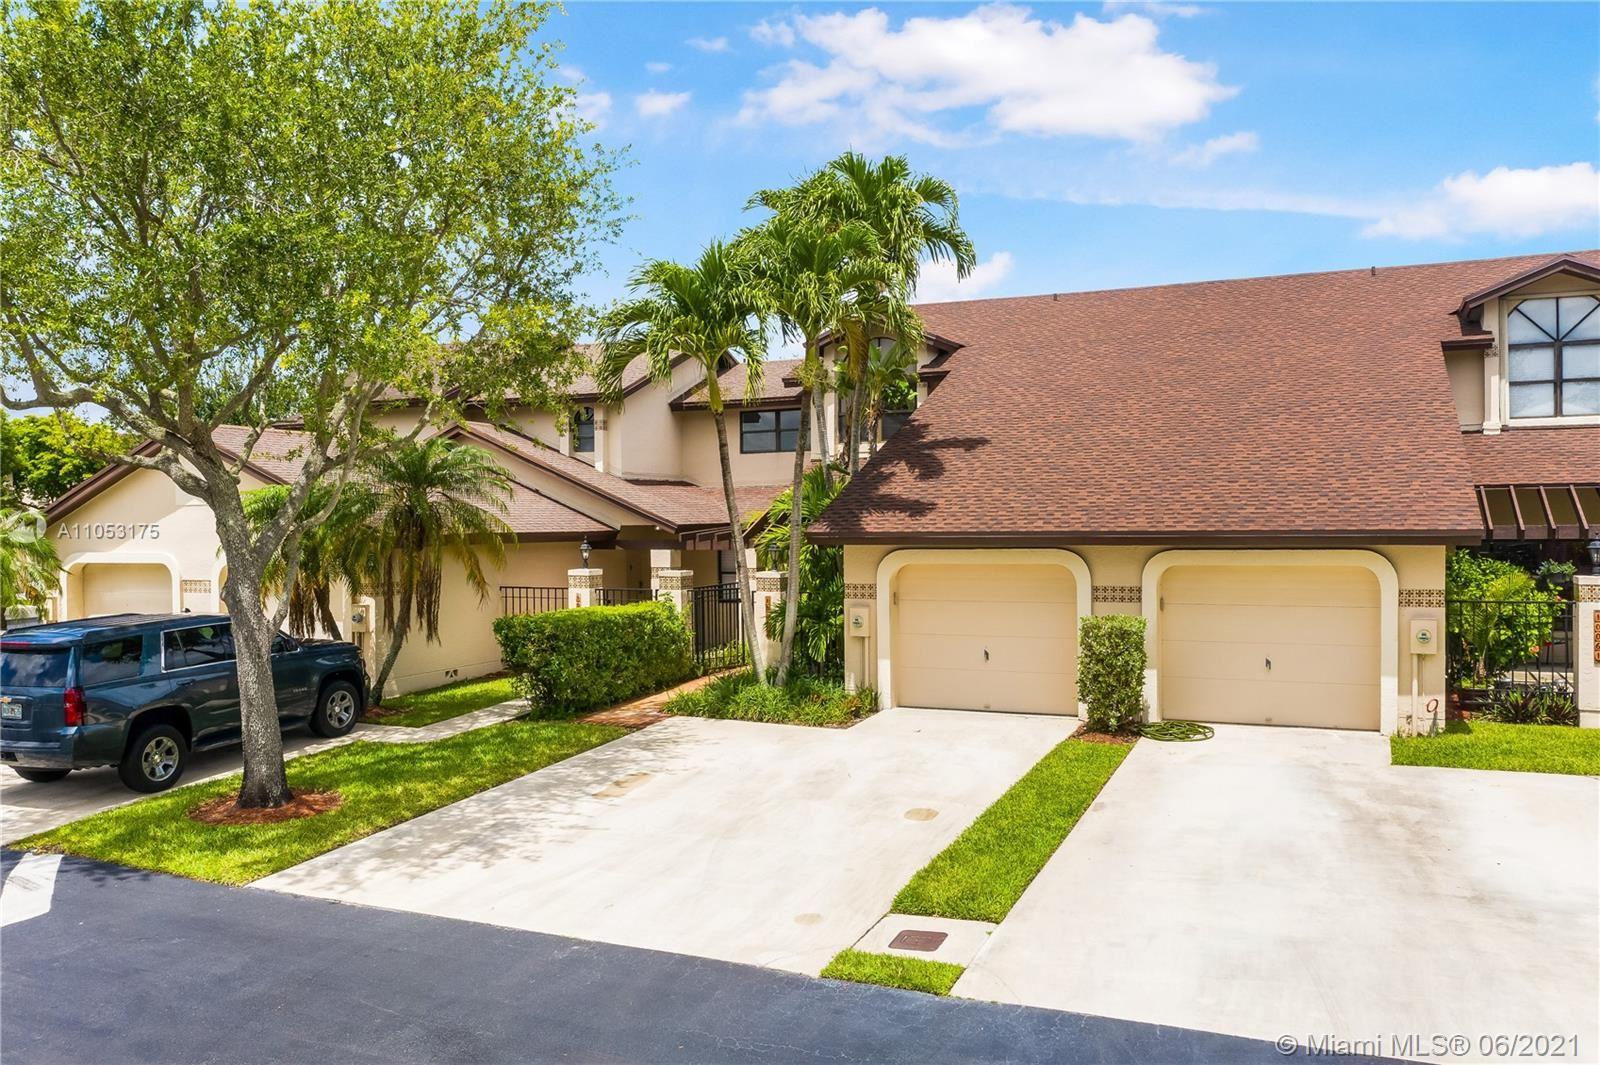 10055 SW 137th Ct #10055, Miami, FL 33186 - #: A11053175